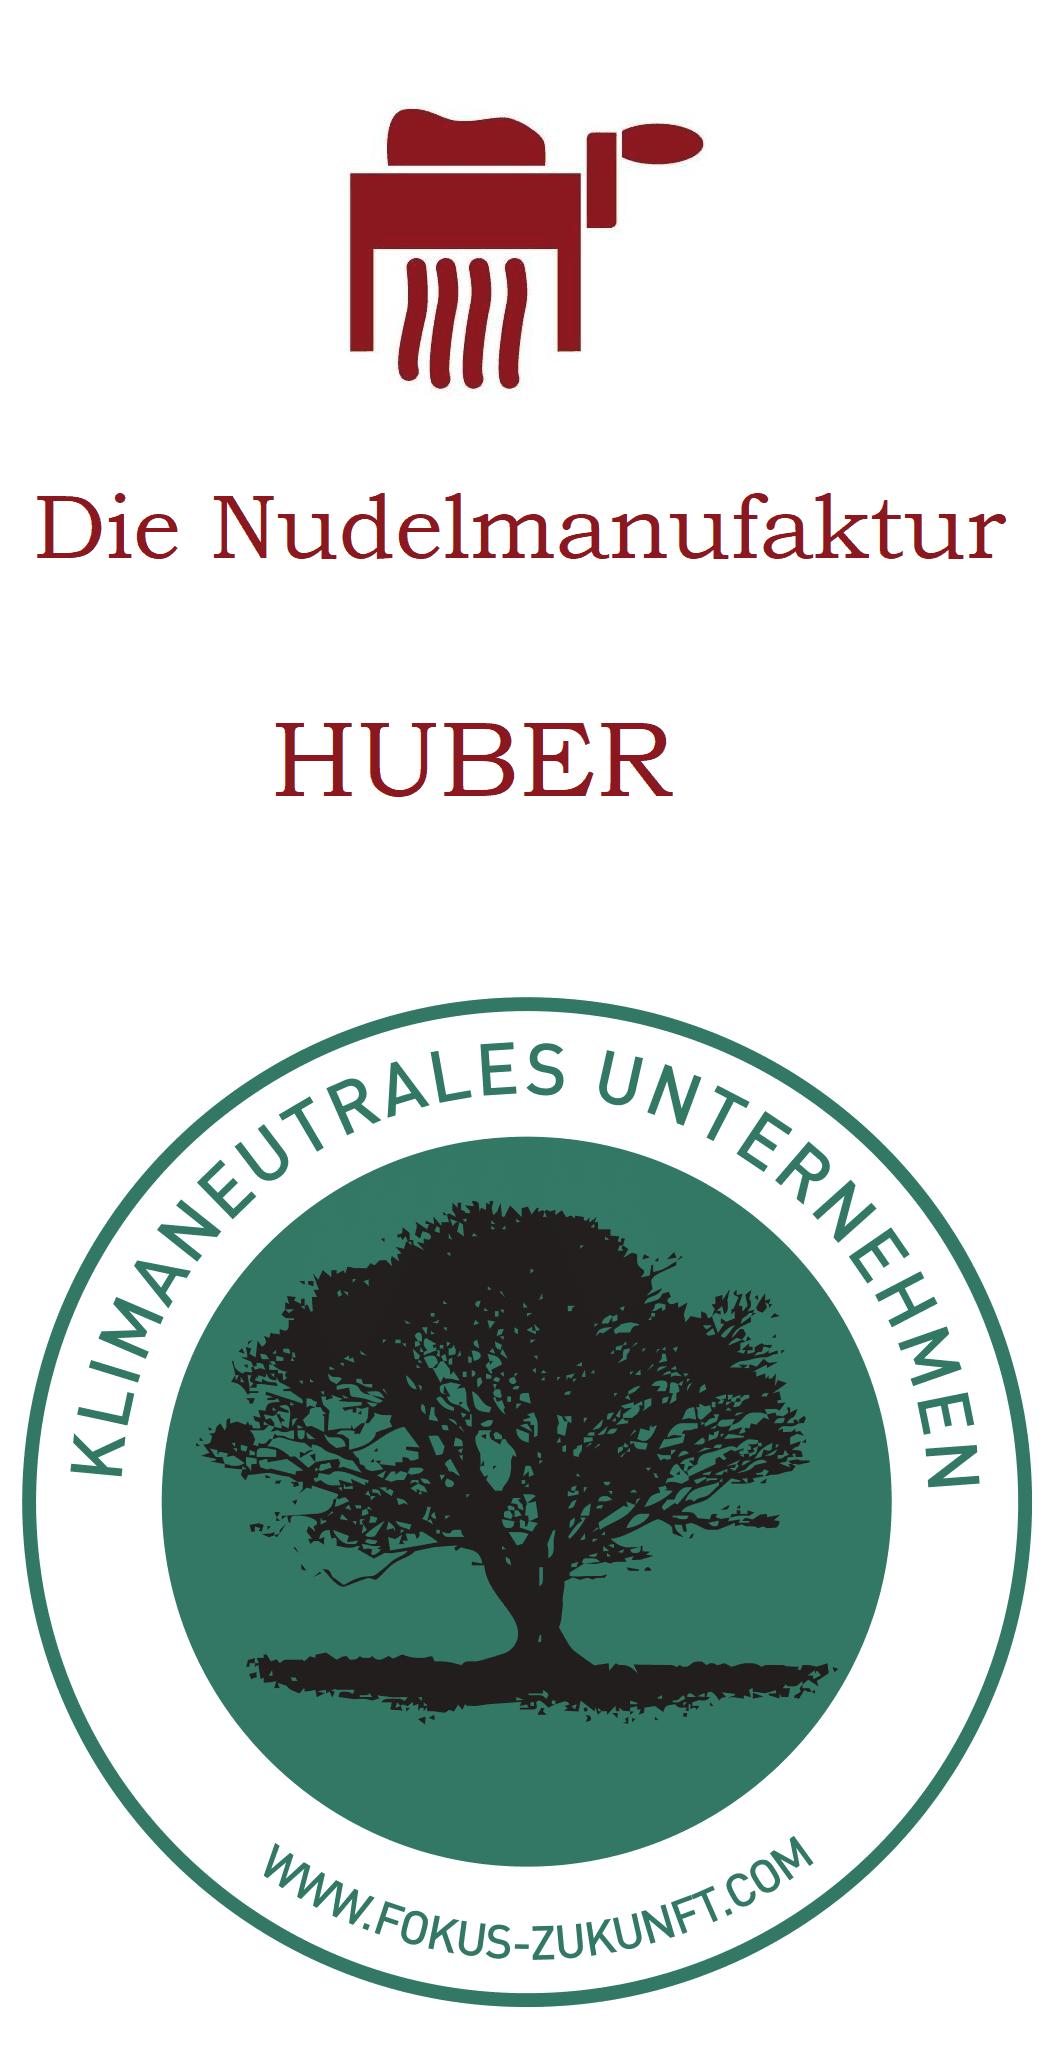 Nudelmanufaktur Huber - klimaneutrales Unternehmen